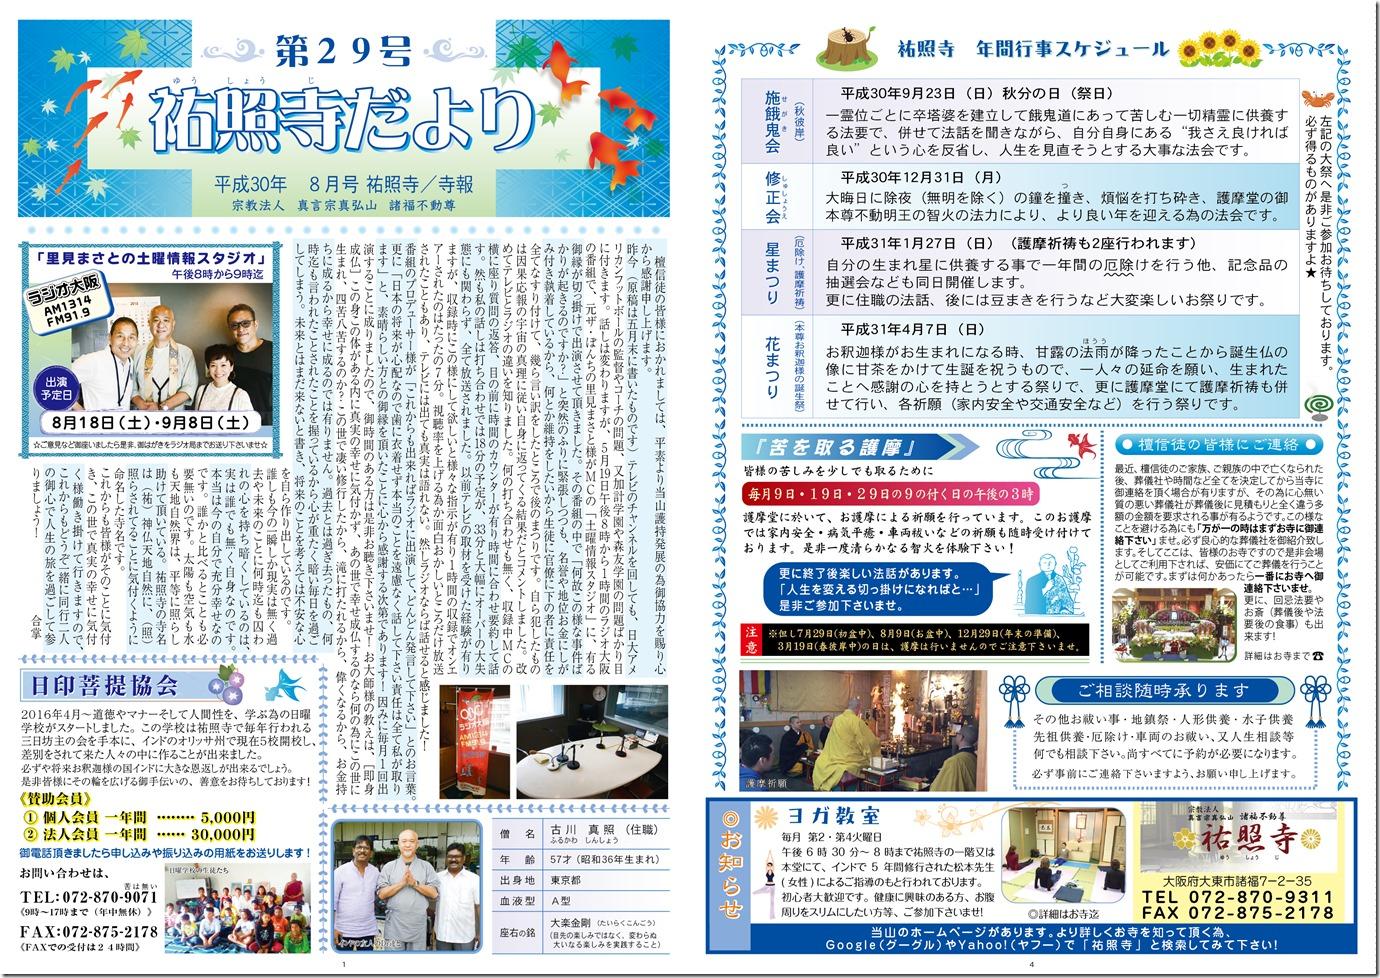 新聞-表-29号 1.4P-A3